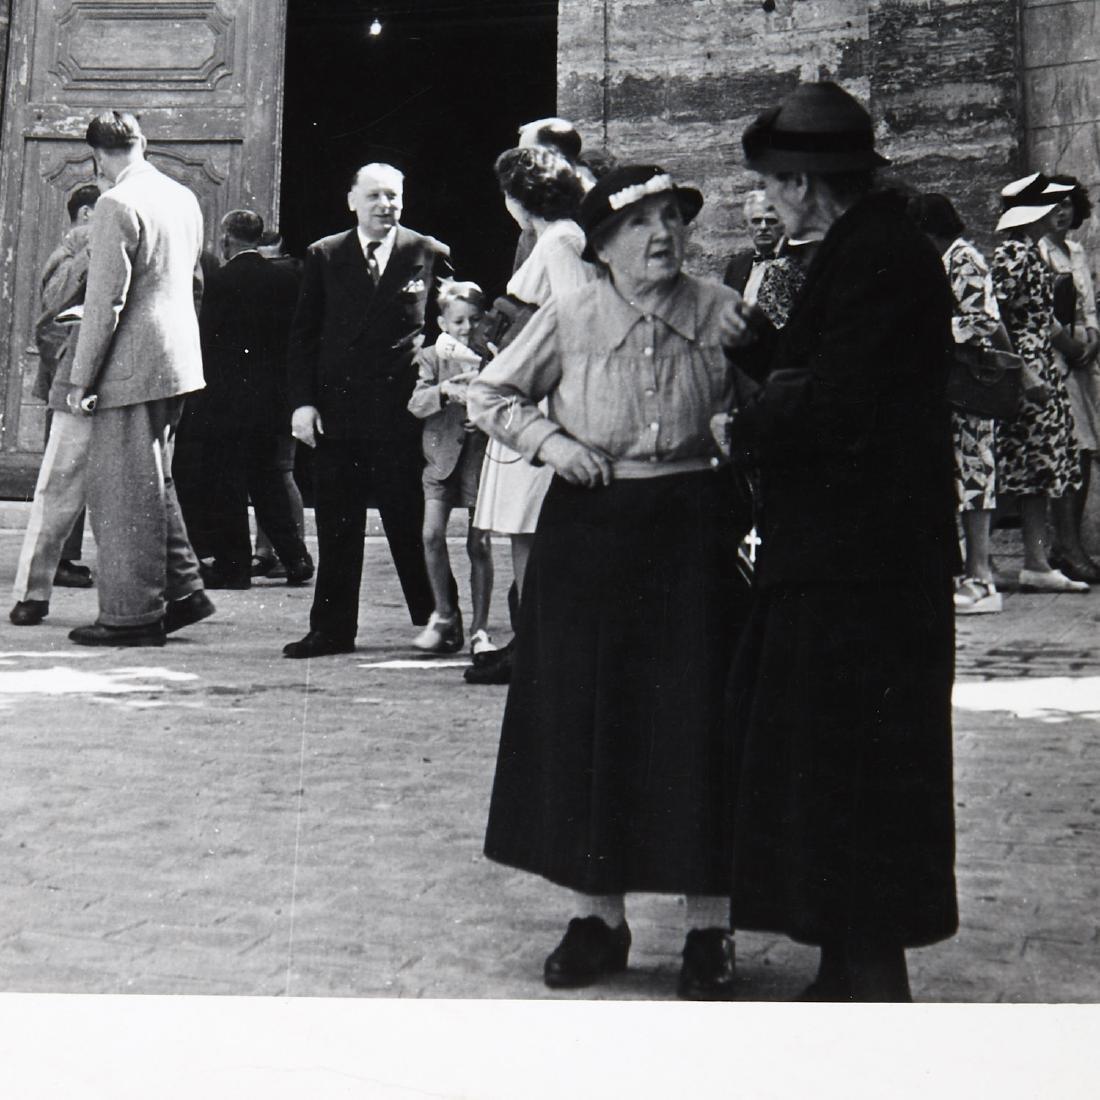 Robert Doisneau, photograph - 5